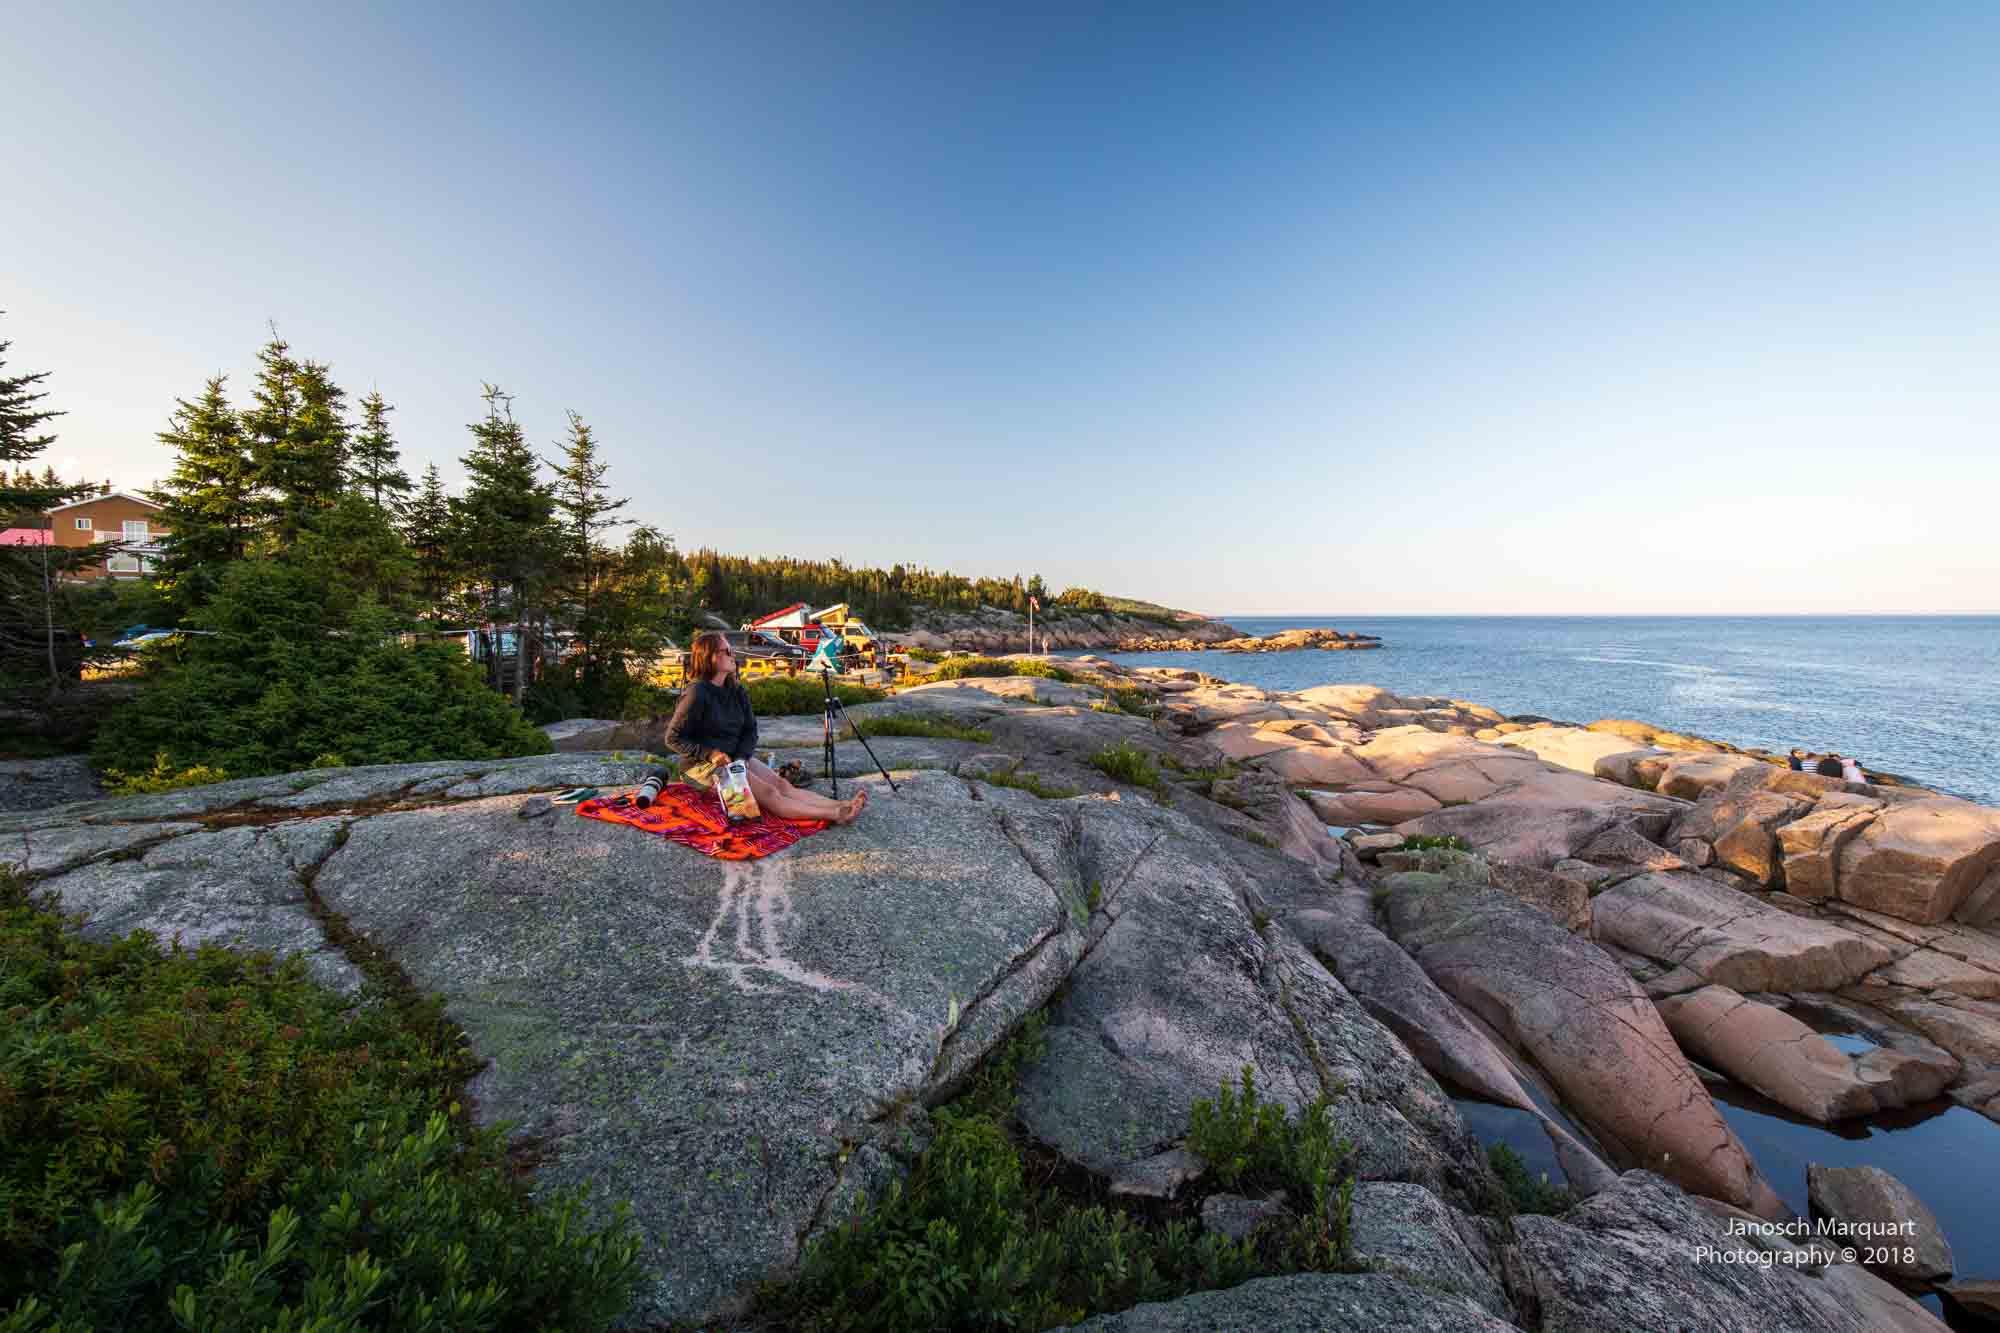 Foto eines Picknickplatztes auf Felsen an der Küste.